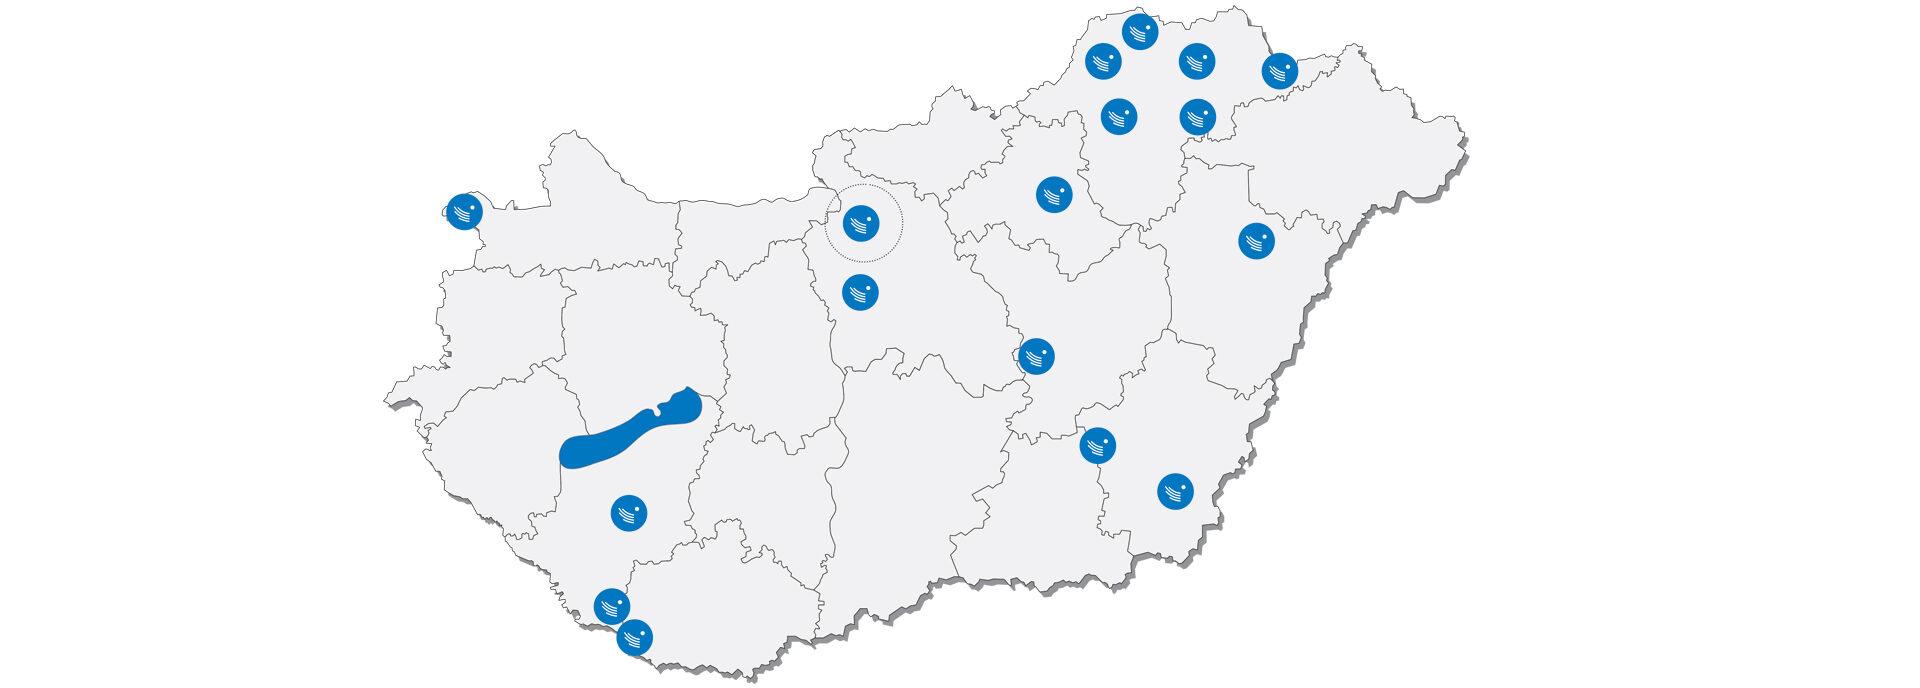 <b>Szociális és fejlesztő központjaink</b> - Regionális központjainkon keresztül 17 településről több mint 80 szolgáltatással segítjük a rászorulókat